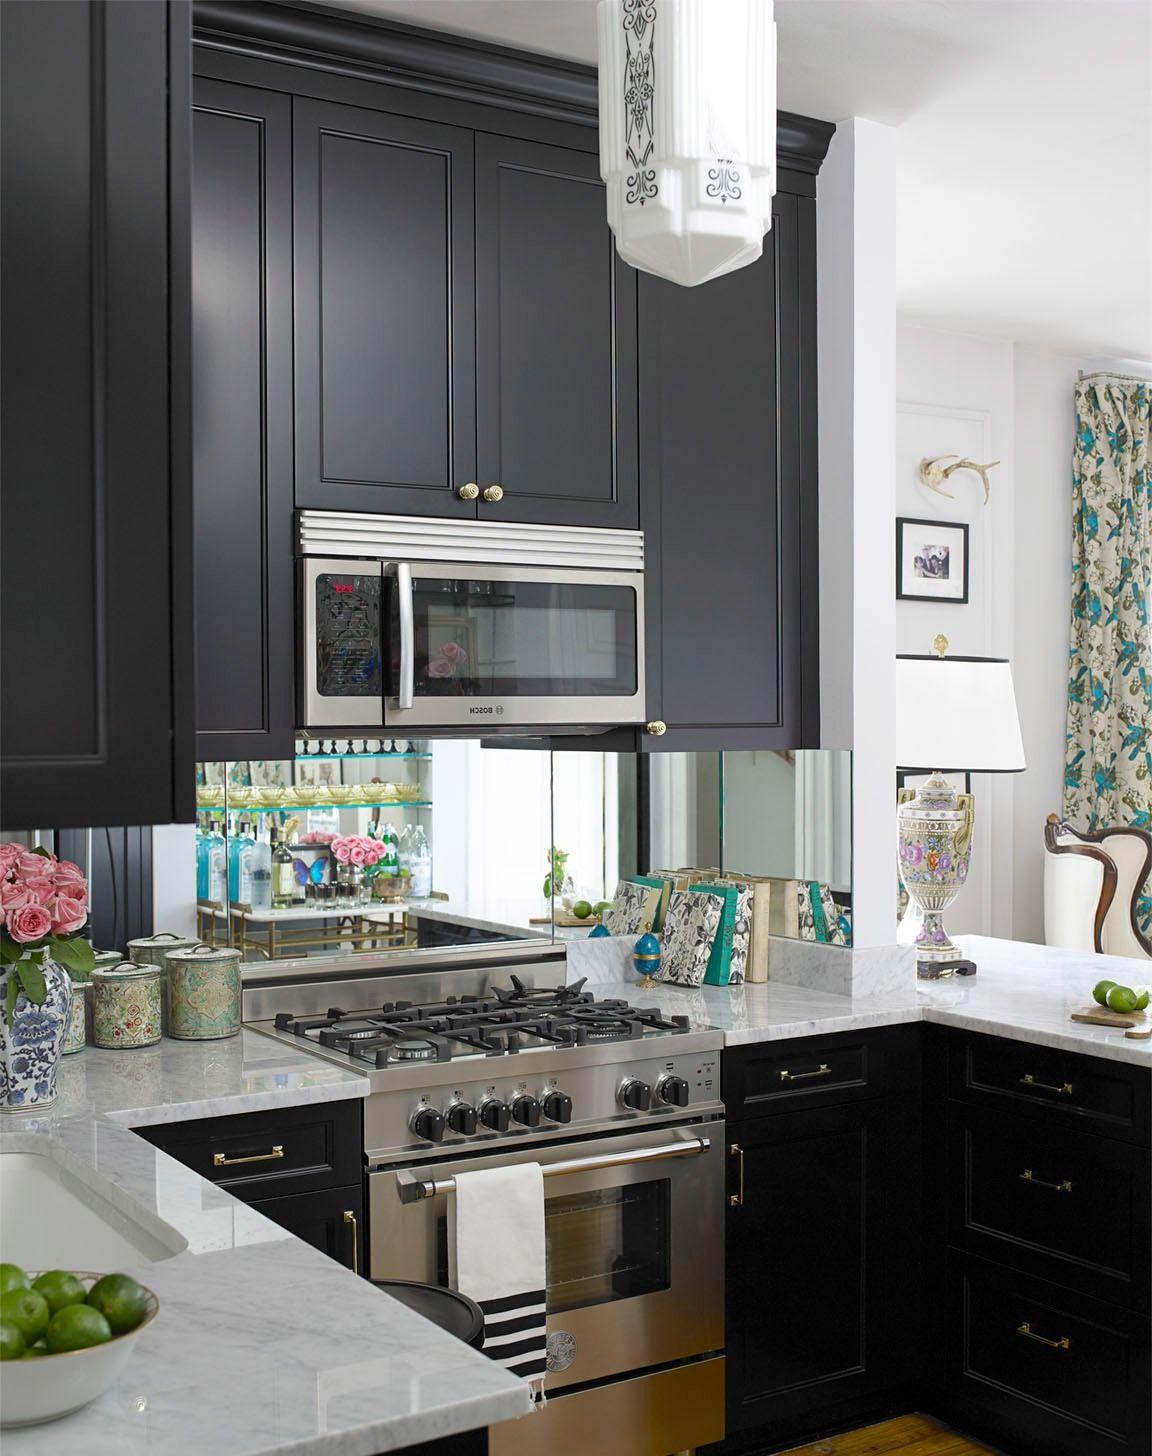 Küchendesign kleiner raum zu machen wie die küche sieht atemberaubend mit kleiner küche